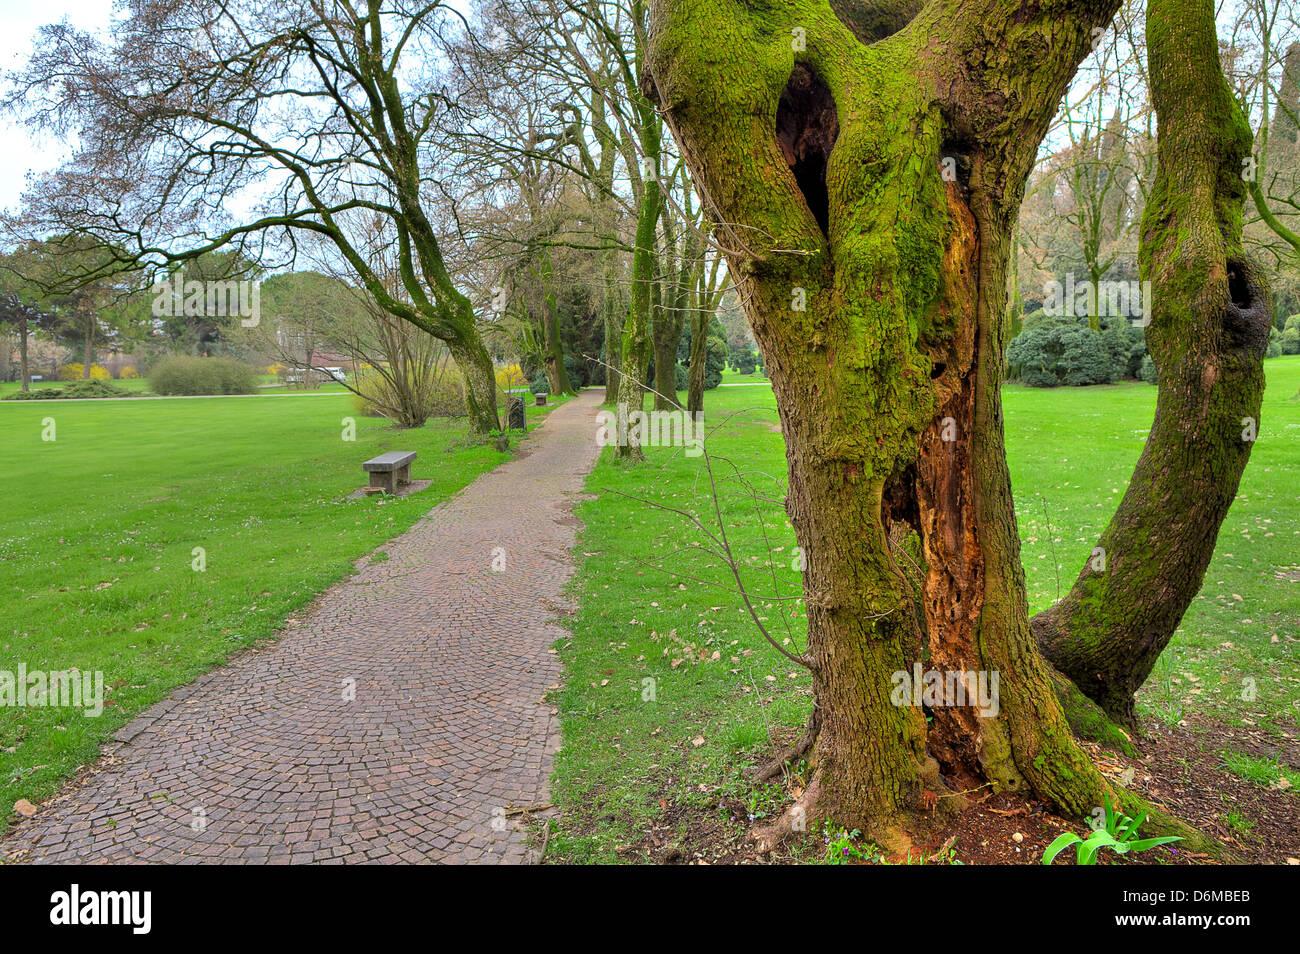 Viejo tronco de árbol cubierto de musgo verde y estrecho pasillo entre prados verdes en parque botánico Imagen De Stock